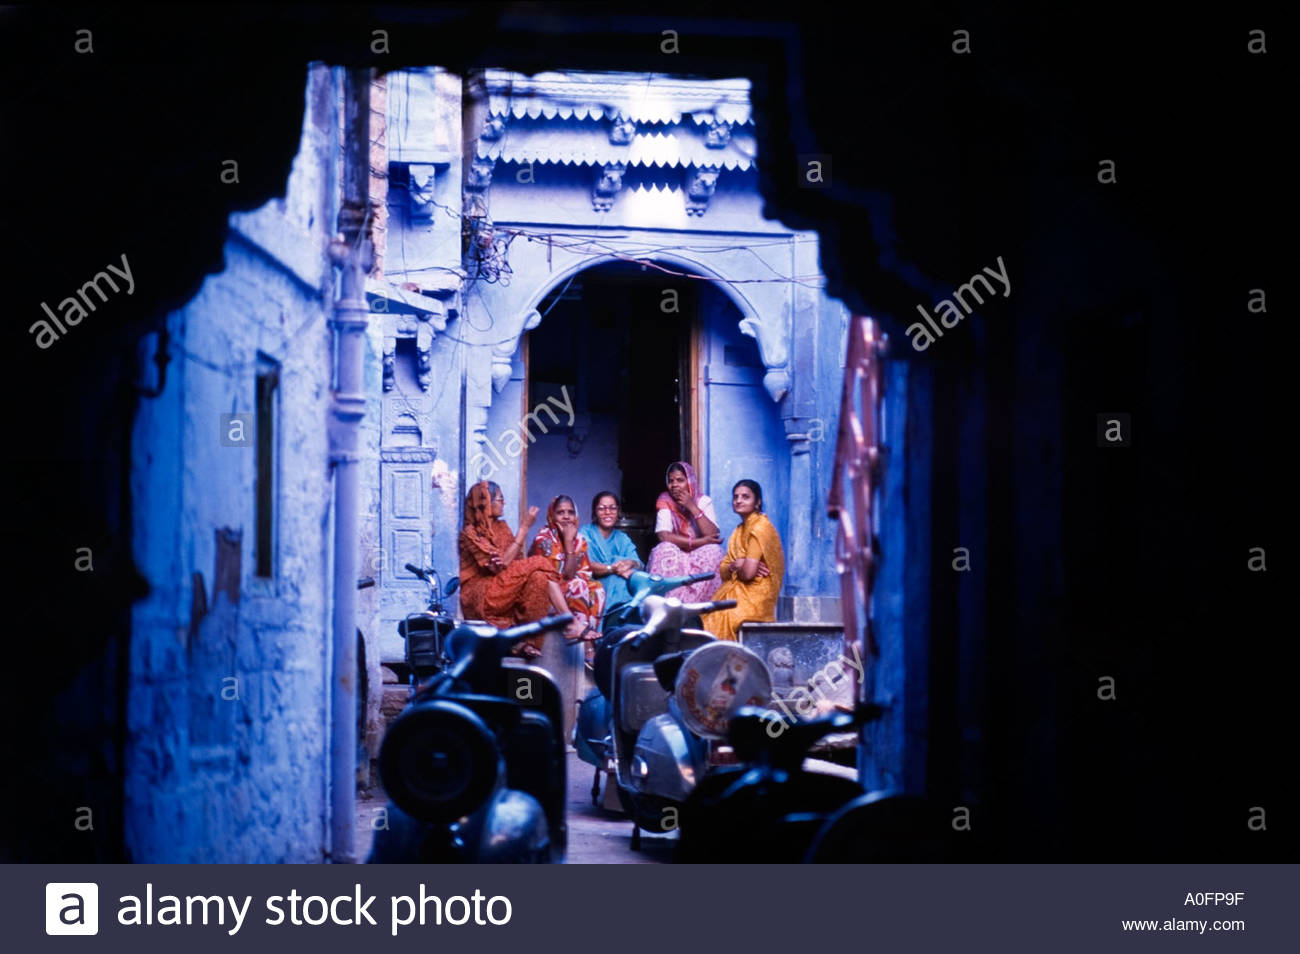 Les femmes indiennes chat avec des amis, Rajasthan, Inde Photo Stock